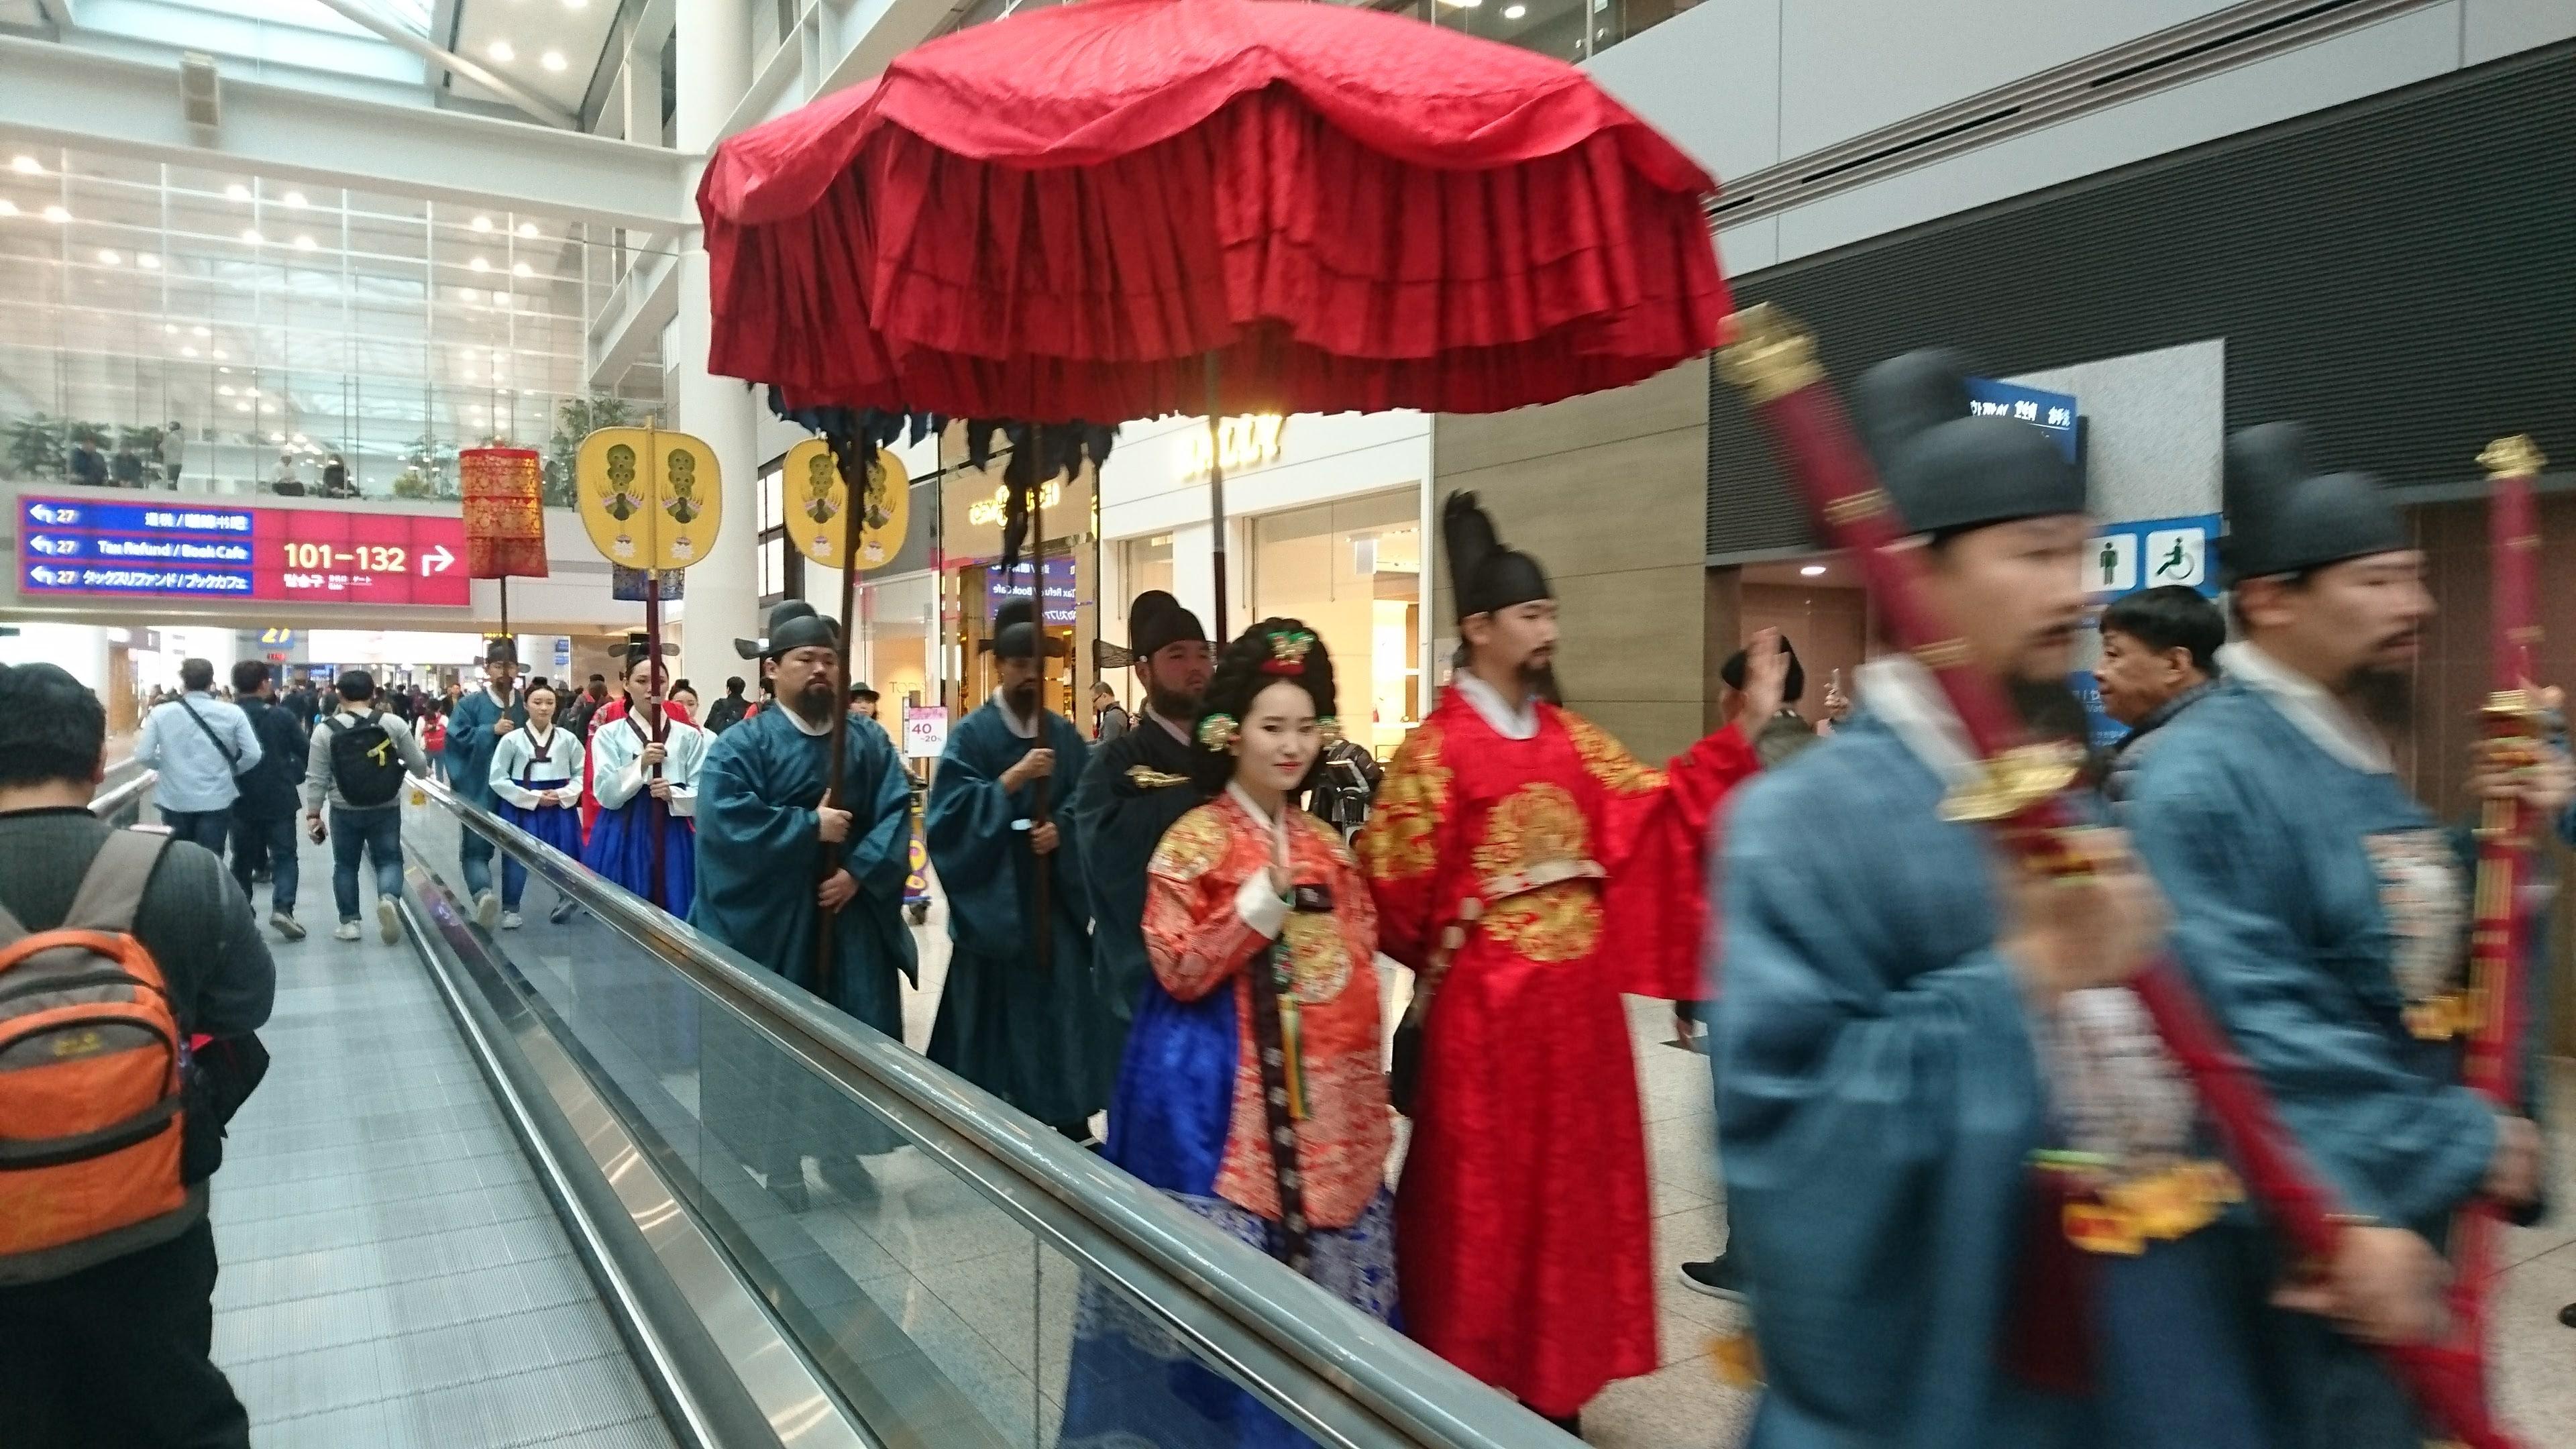 恐らく李朝あたりの仮装行列の一行が音楽とともに練り歩いています。韓国のこういったブランディングは参考になります。